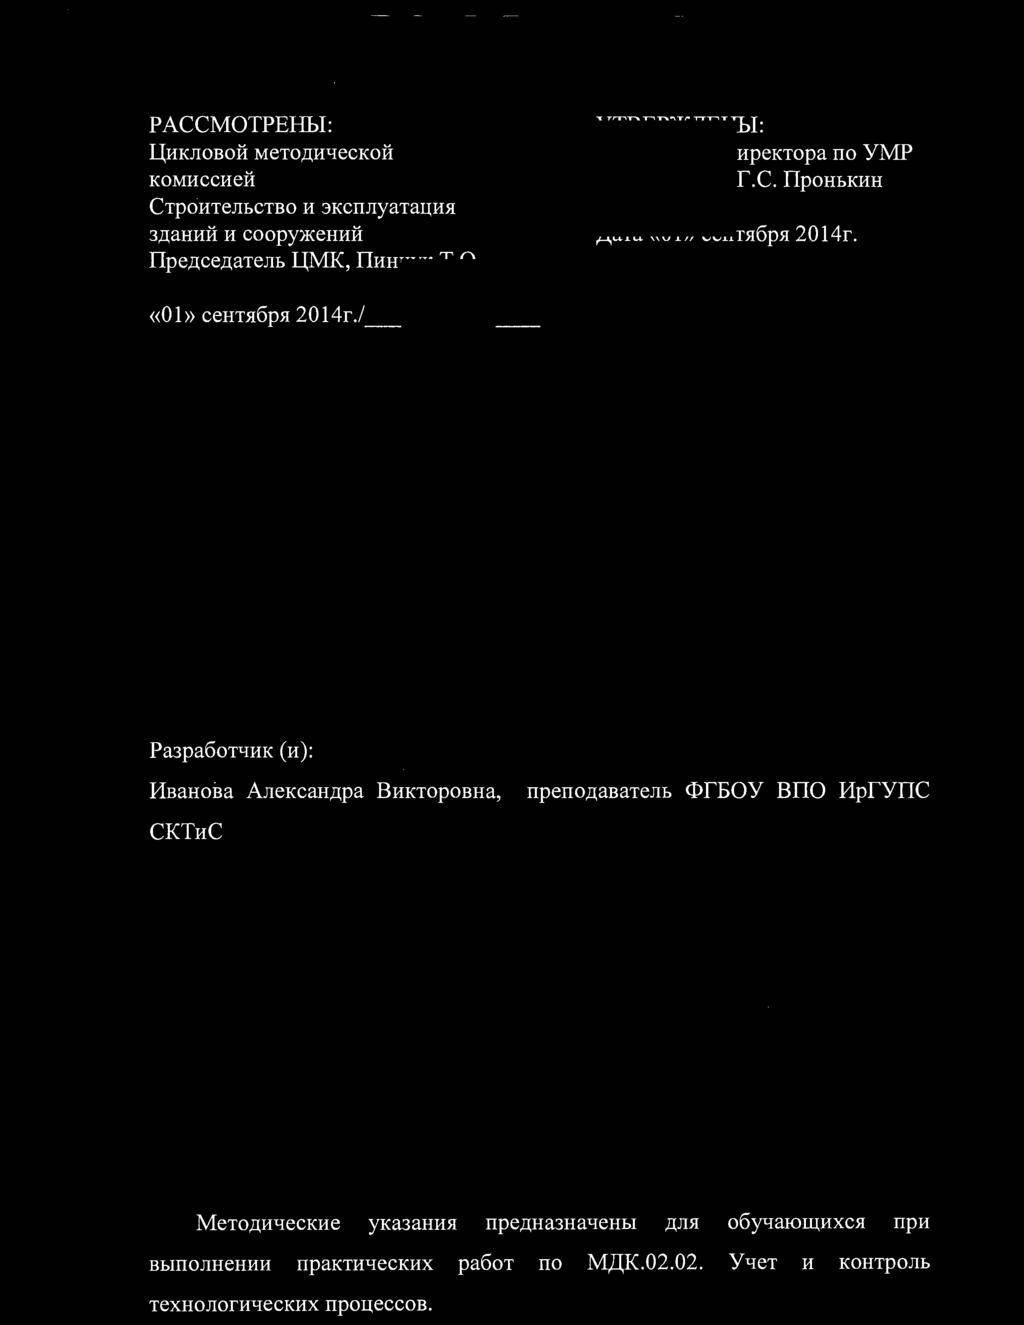 Исполнительная геодезическая документация (понятие и состав)